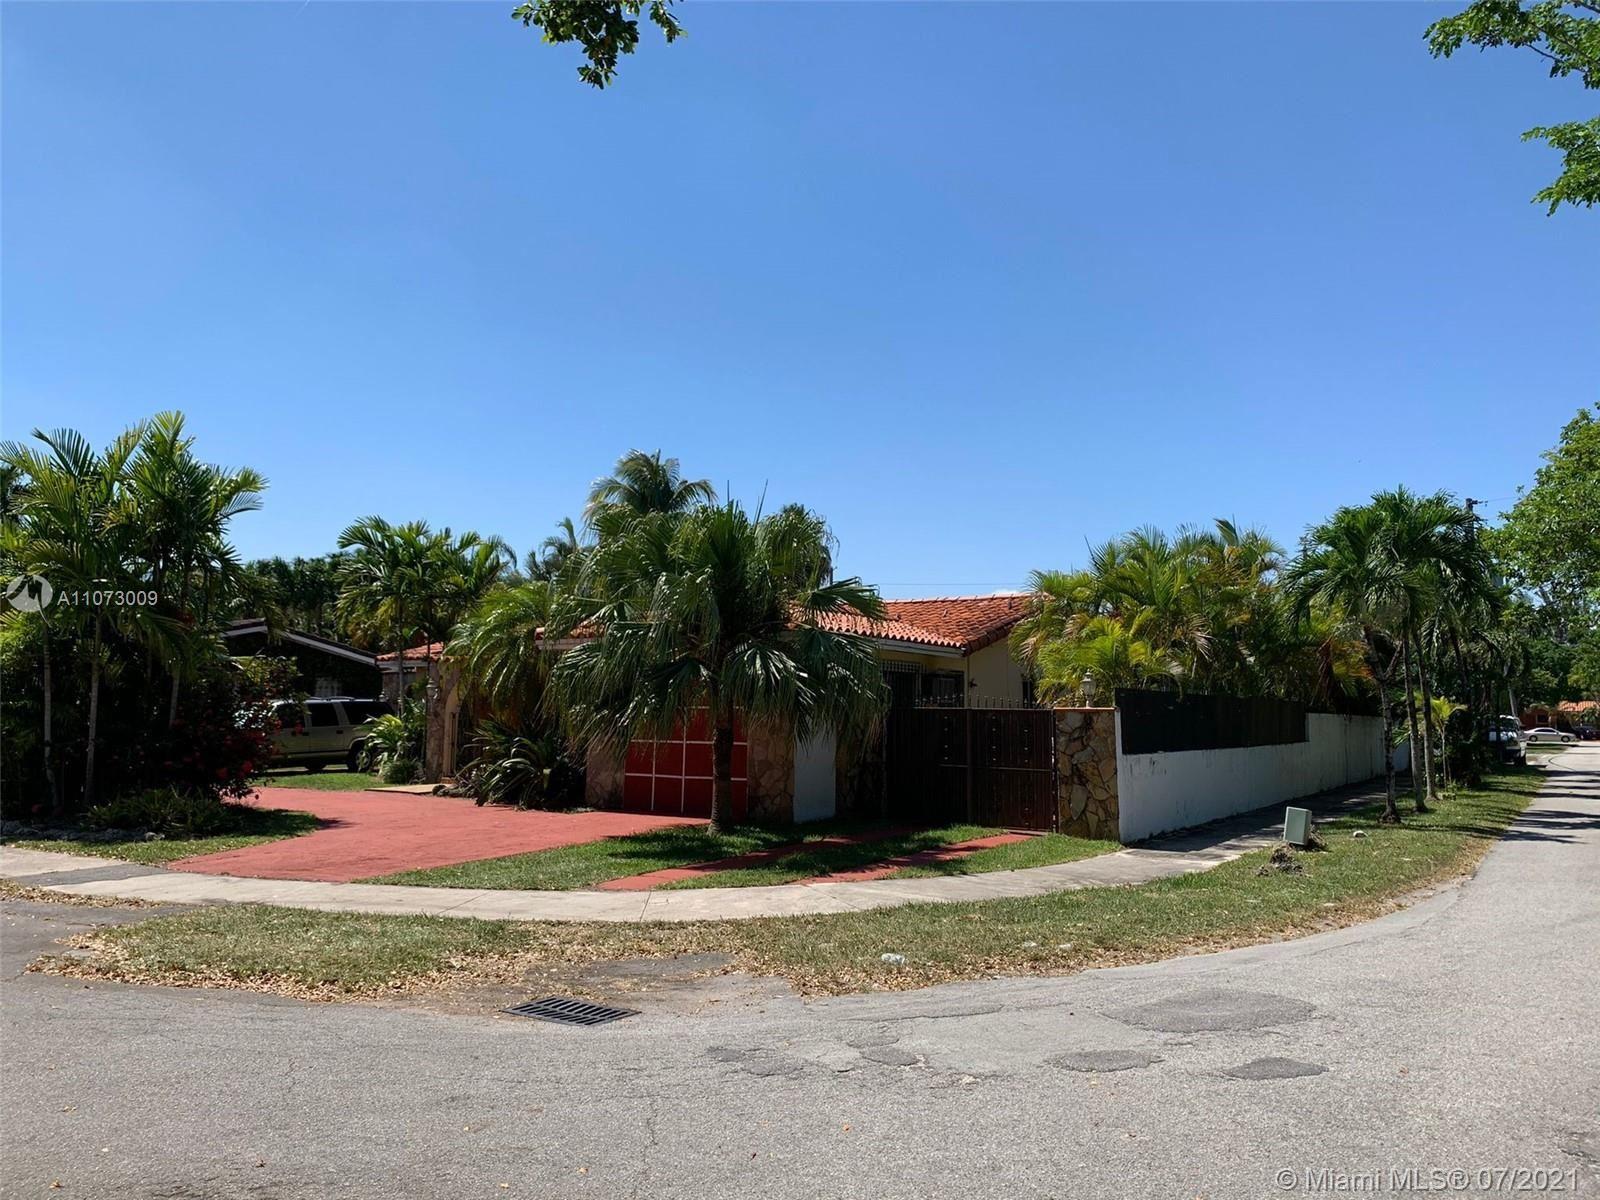 9601 SW 17th St, Miami, FL 33165 - #: A11073009